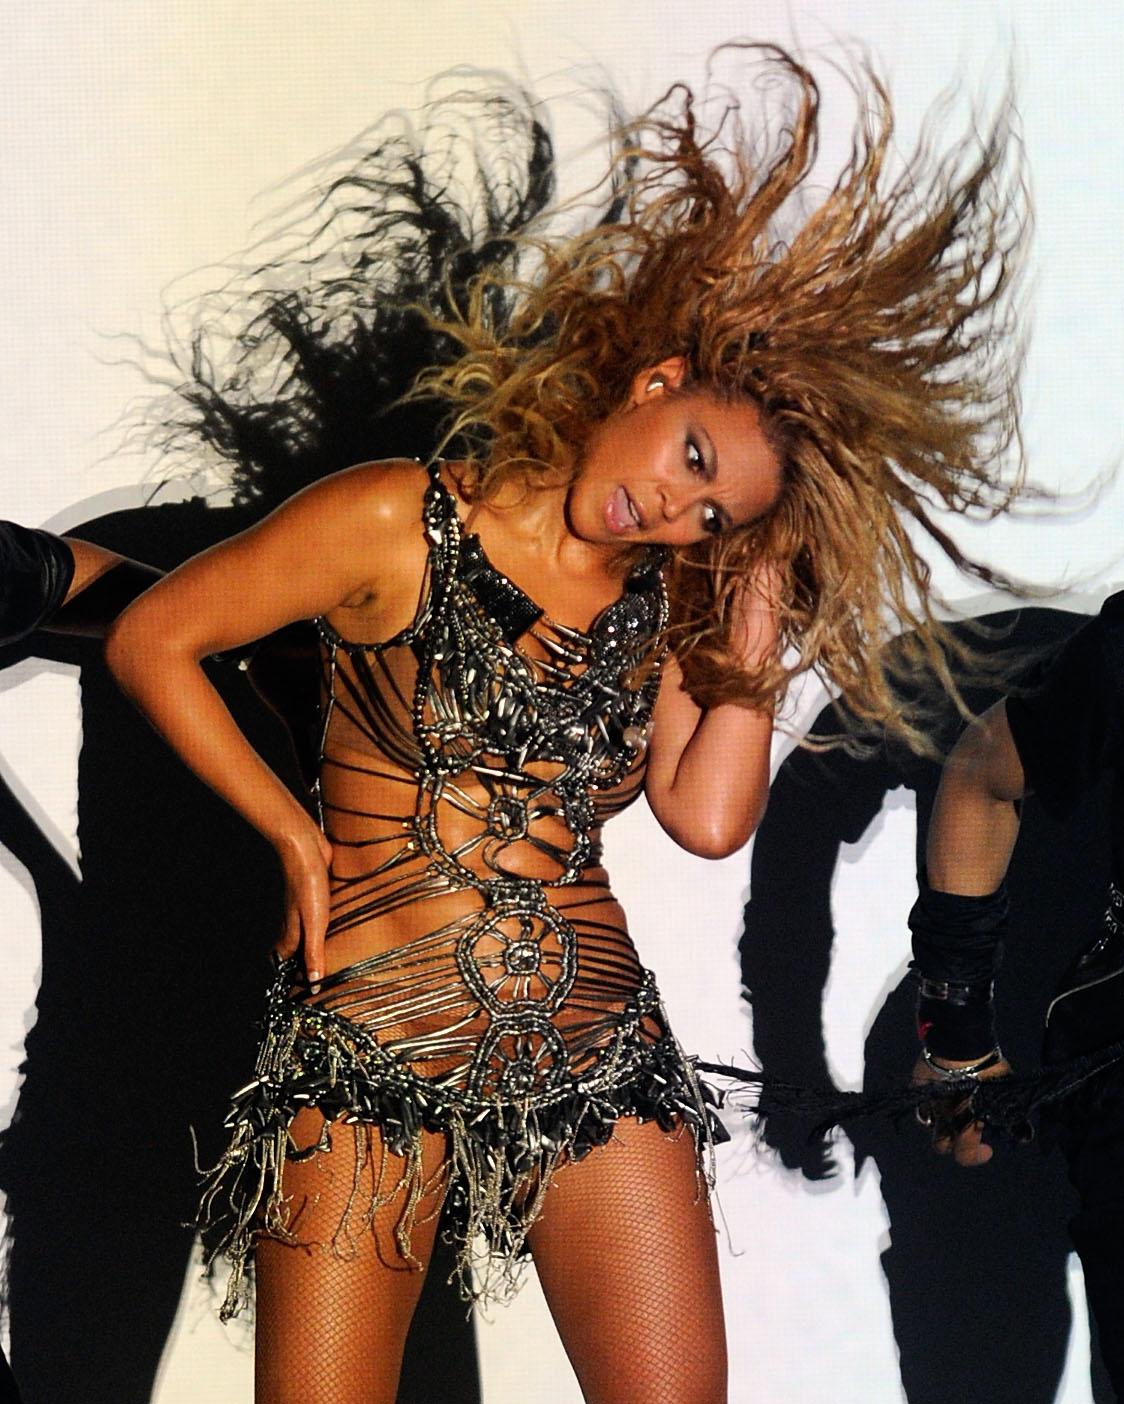 http://4.bp.blogspot.com/-BMT3wPSNYns/TdrUu6cK4SI/AAAAAAAAAlU/_9iBvNzaLrk/s1600/Beyonce_billboardawards.jpg